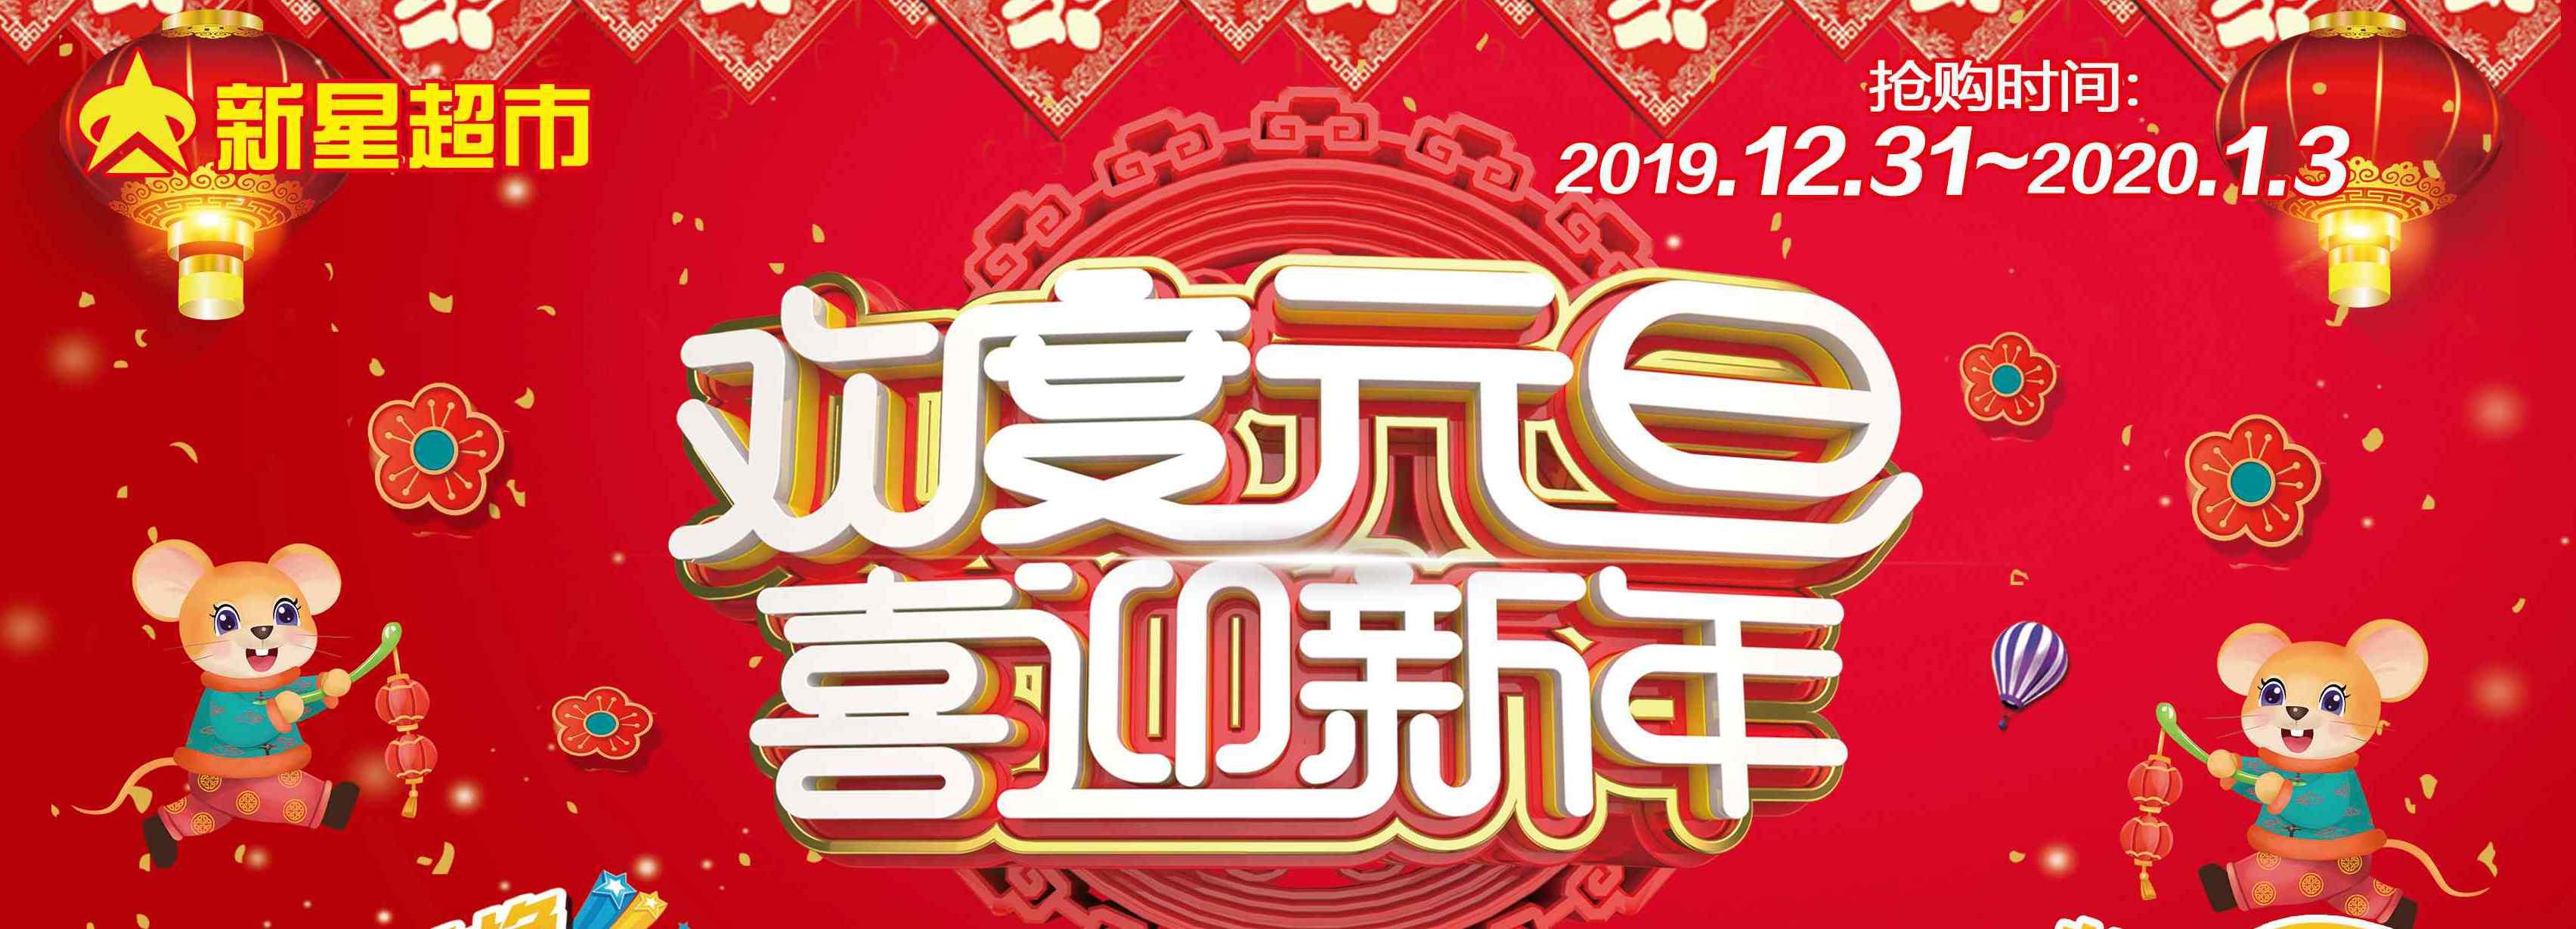 【 新星超市】欢度元旦,喜迎新年 !积分兑换活动开始啦!